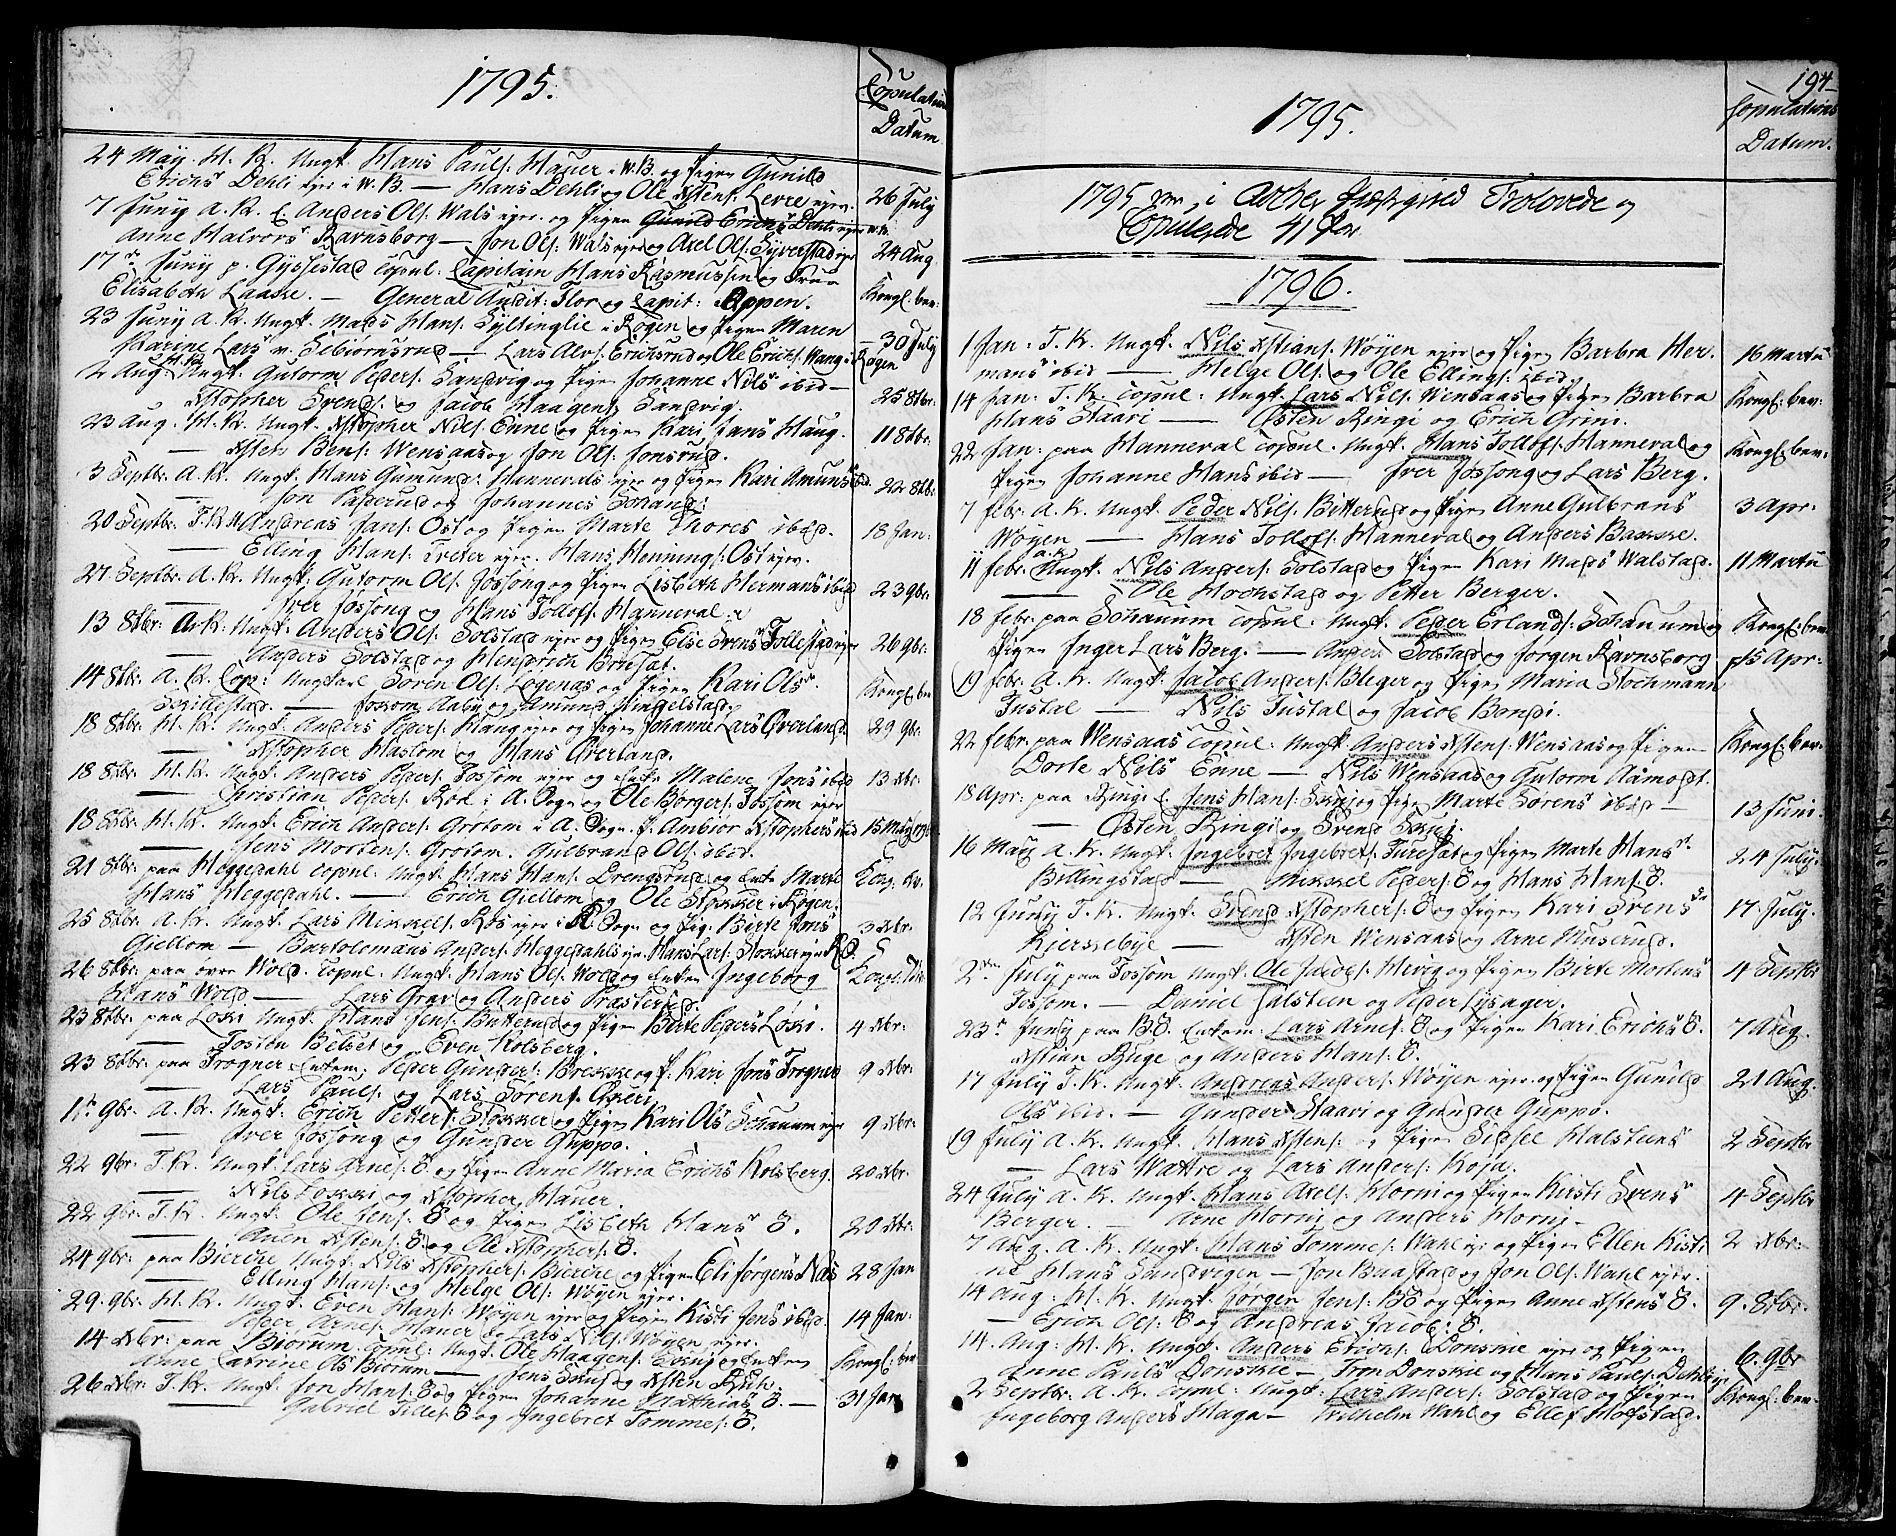 SAO, Asker prestekontor Kirkebøker, F/Fa/L0003: Ministerialbok nr. I 3, 1767-1807, s. 194